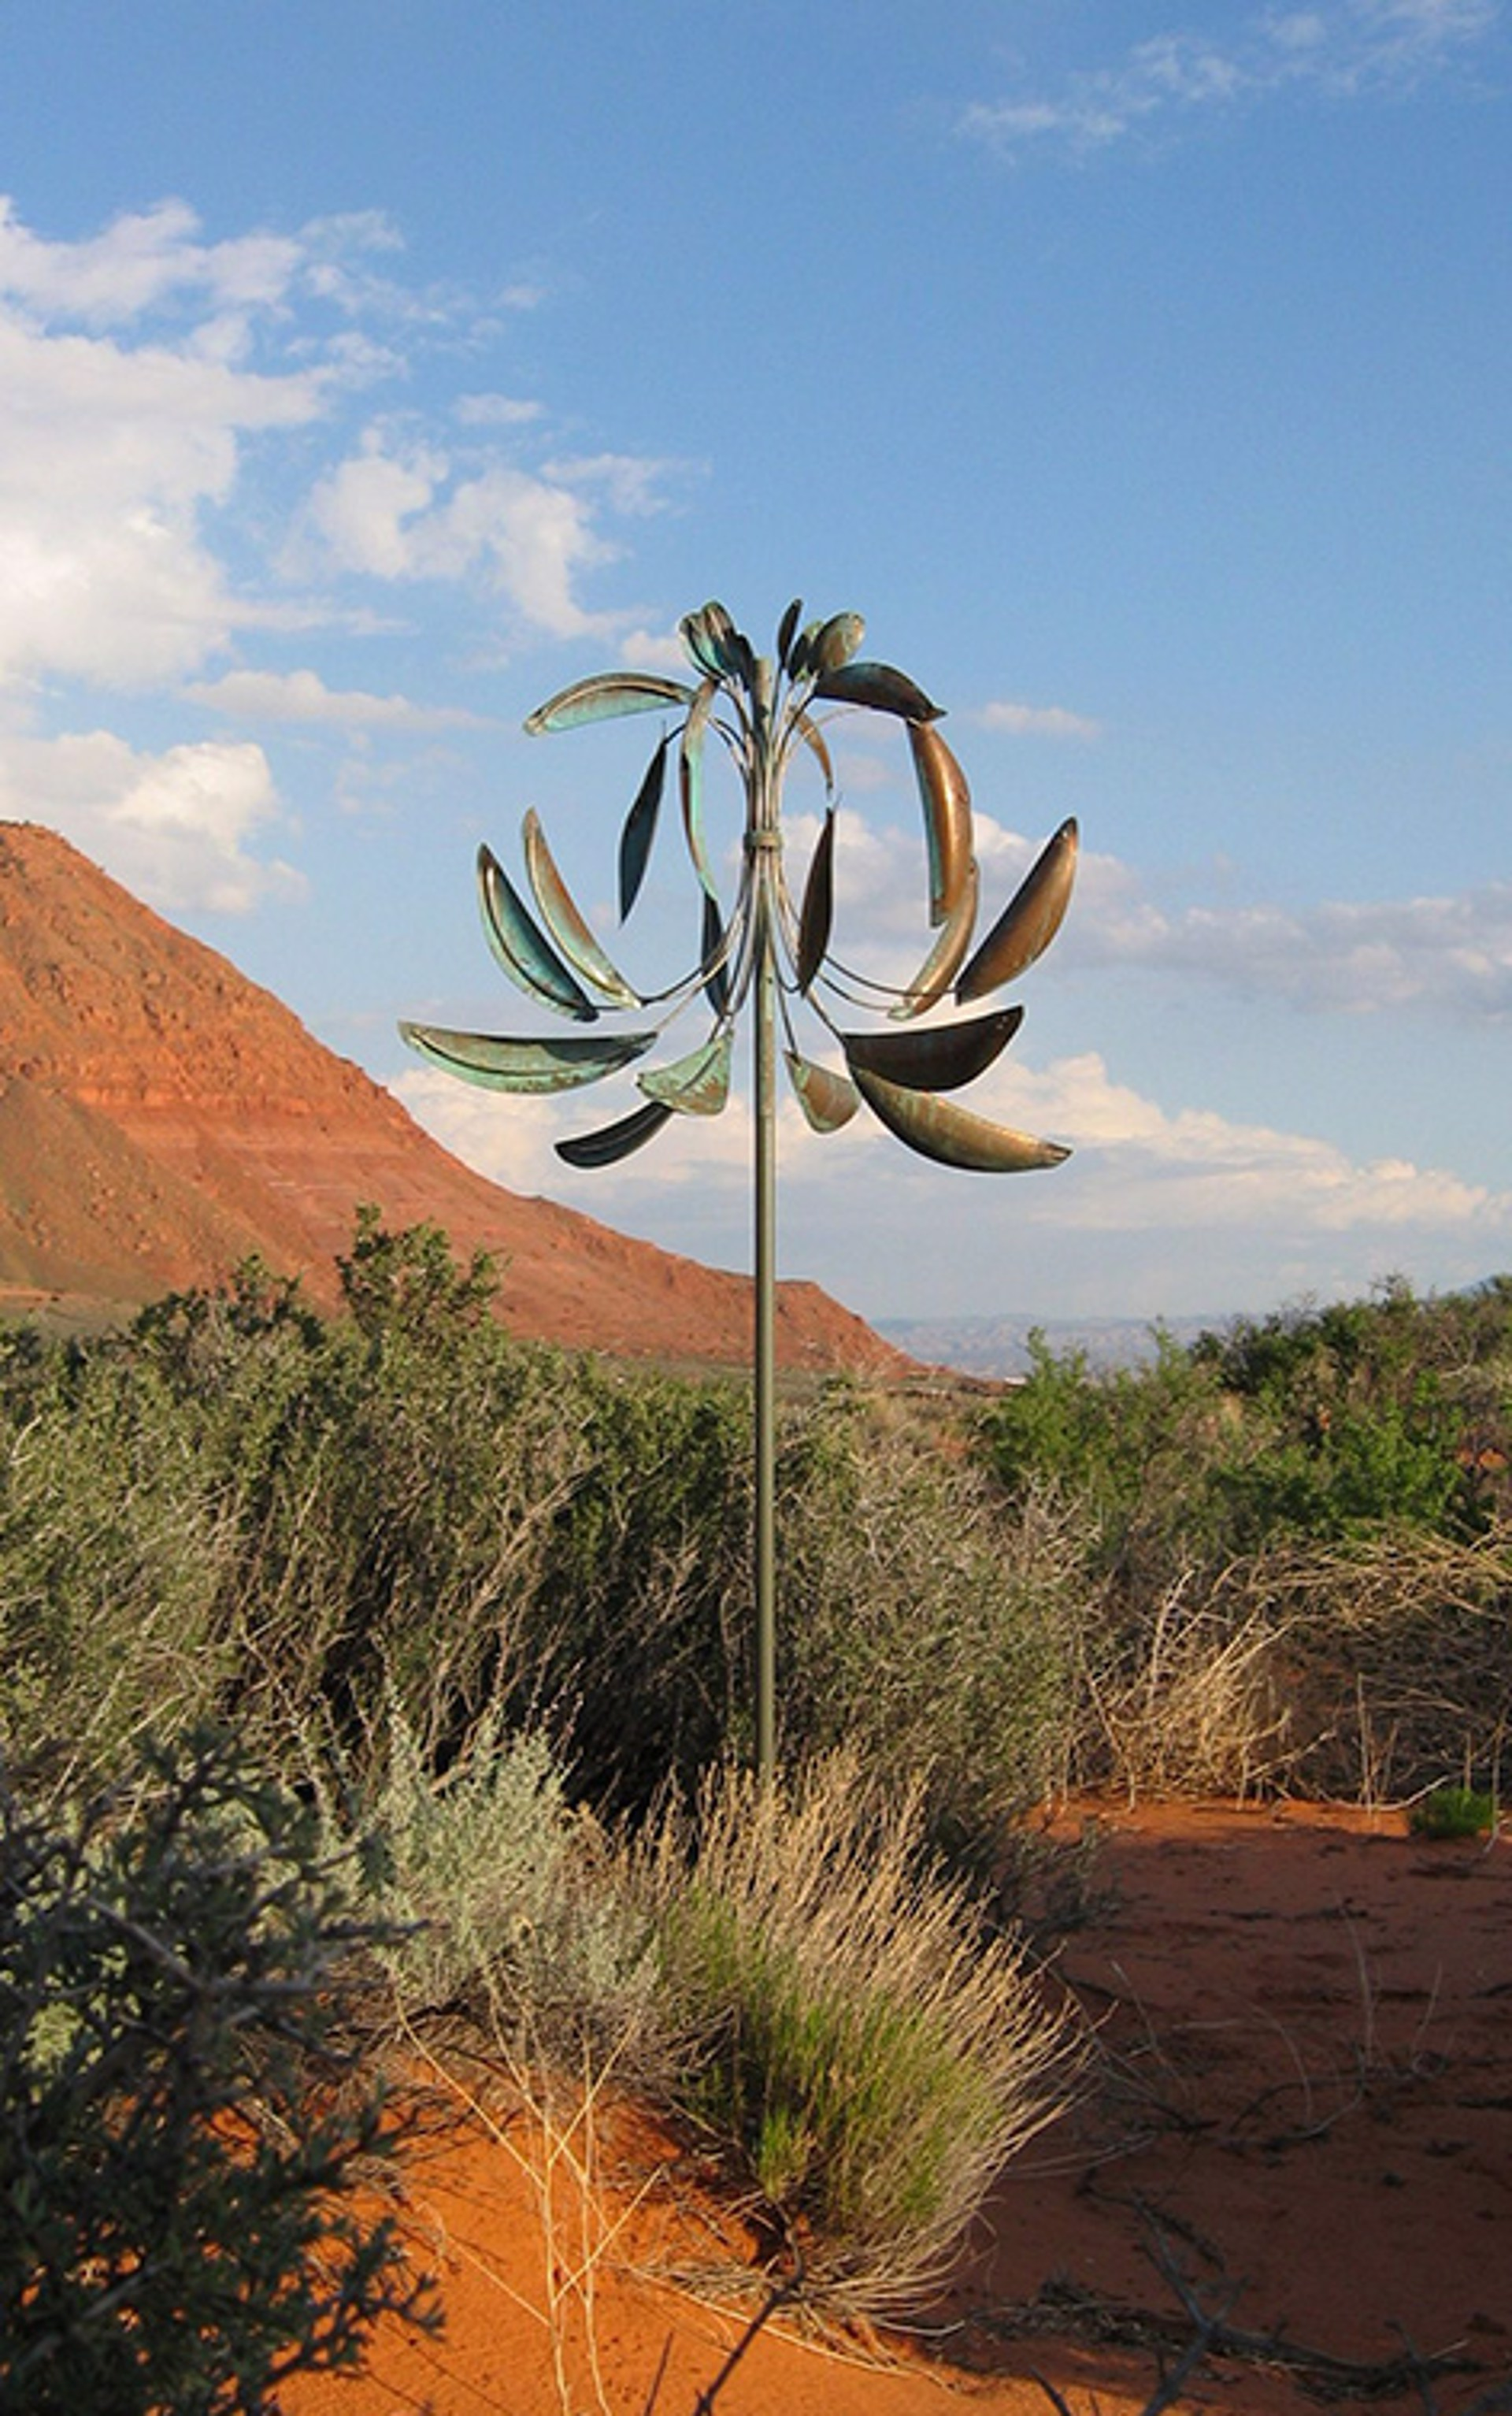 Fleur-de-lis by Lyman Whitaker